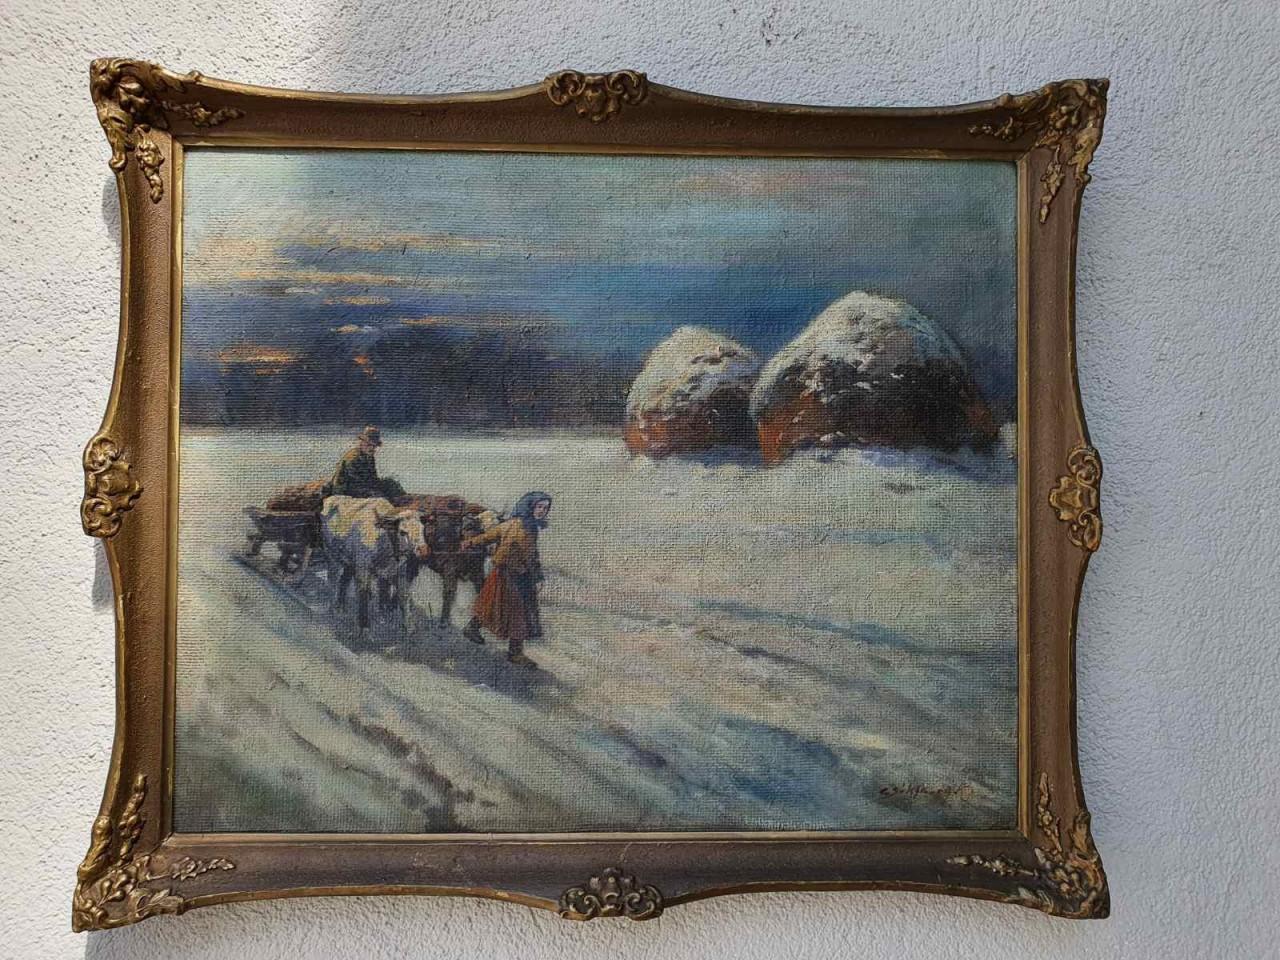 Csókfalvy Raffay Sándor tanyasi életkép olajfestmény keretben